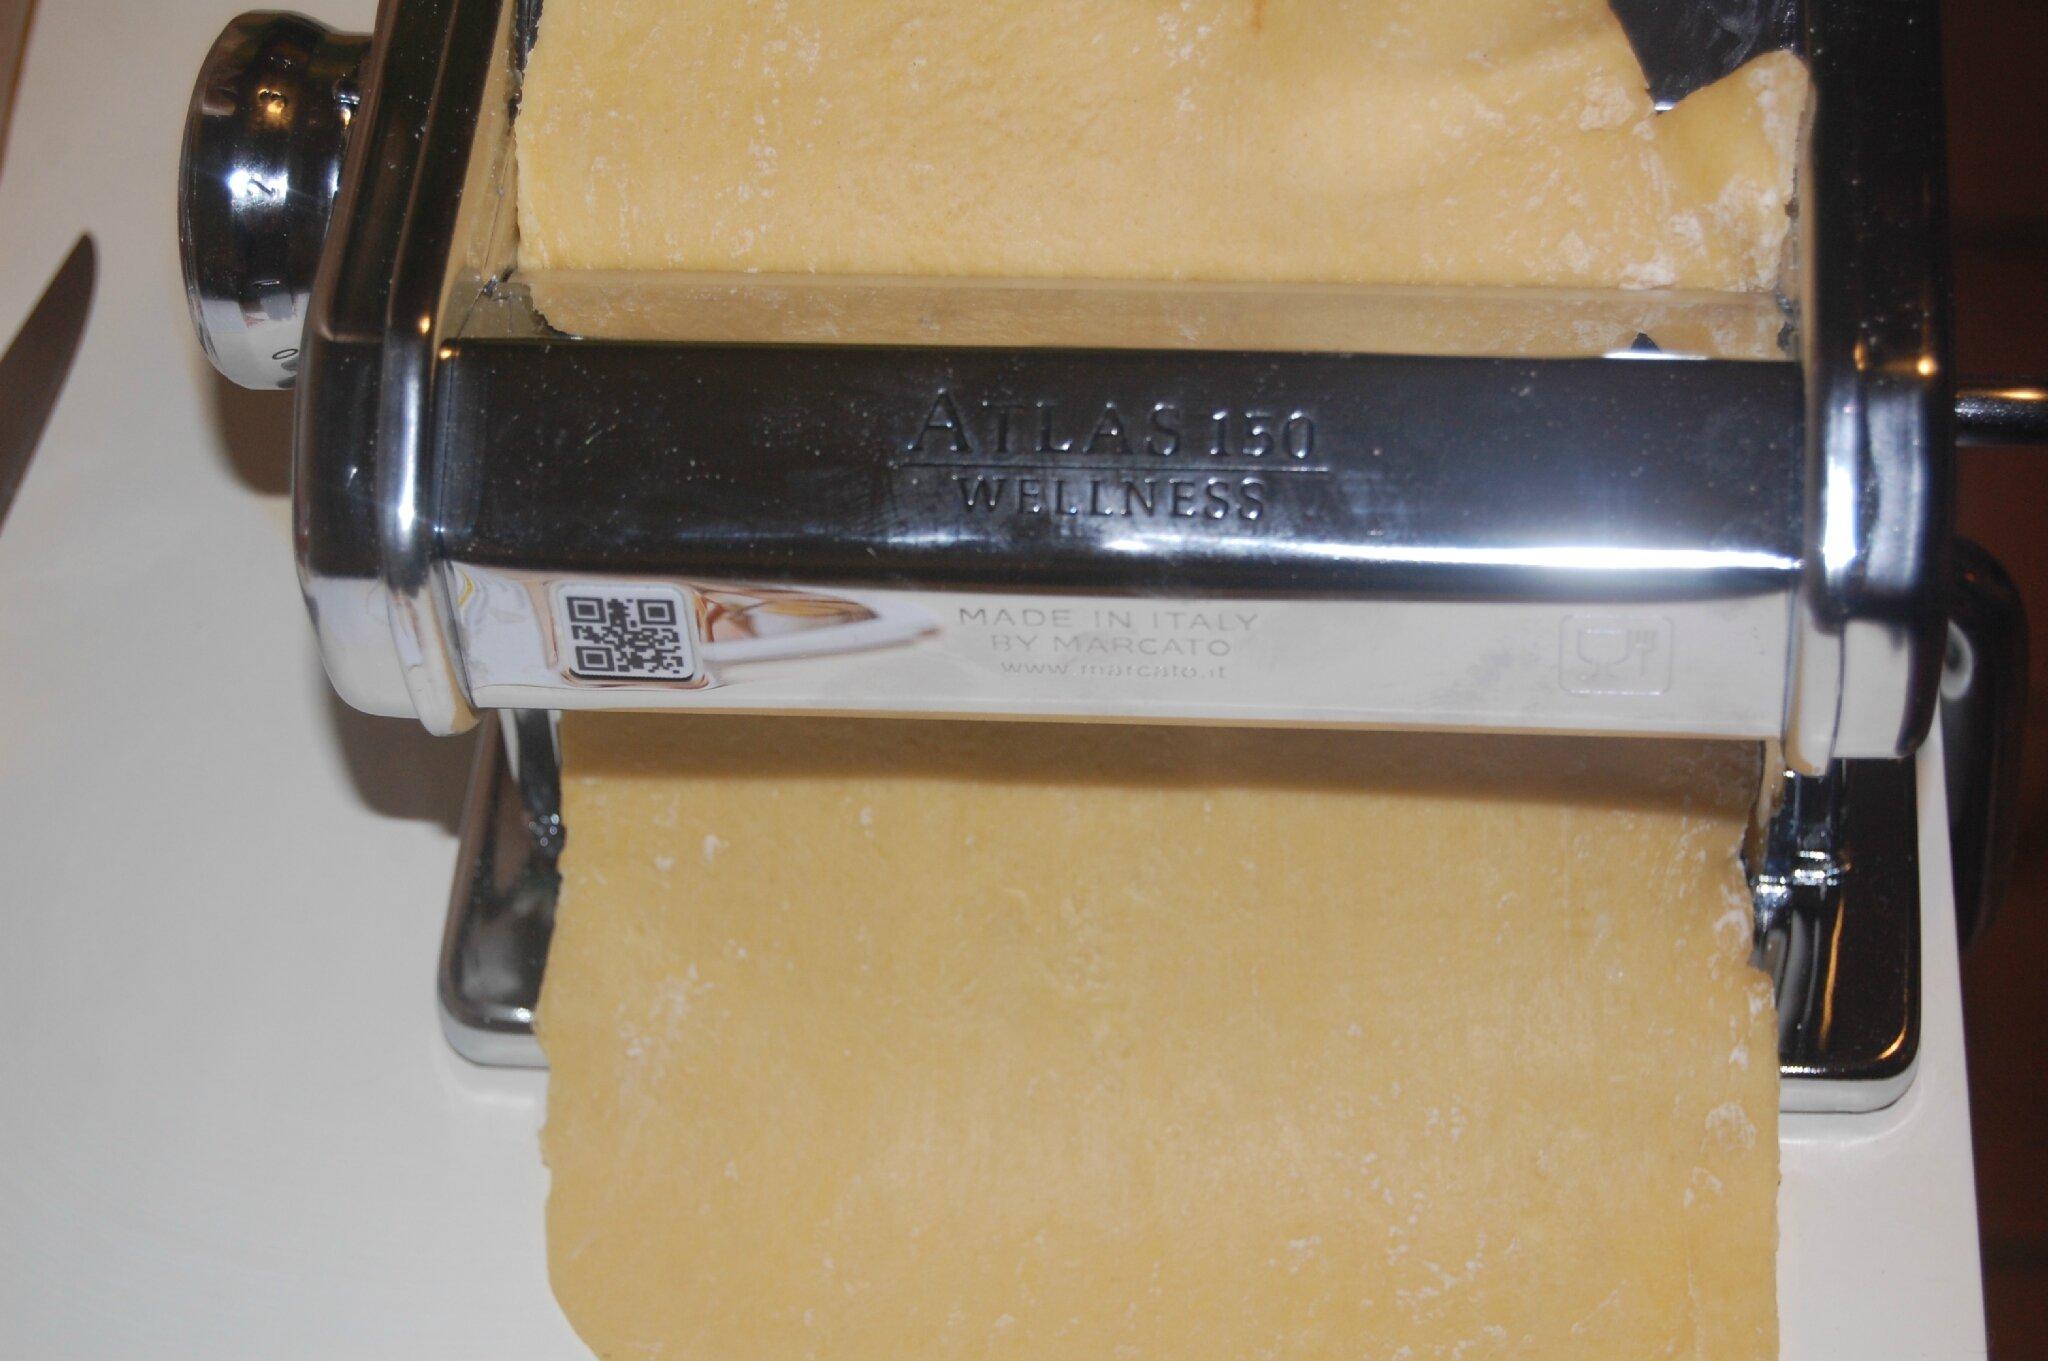 Tester sa machine à pasta en préparant des lasagnes aux légumes d'hiver